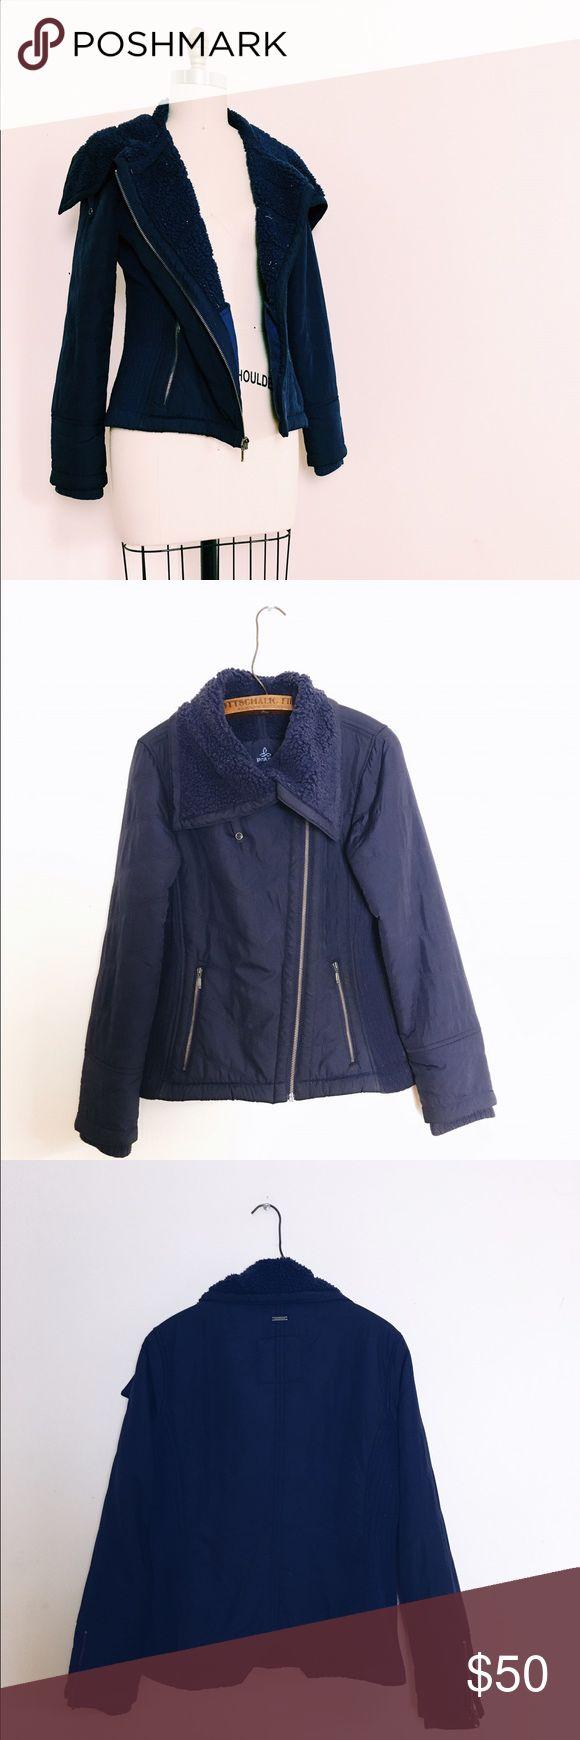 PrAna Women's Diva Jacket Navy blue zip up jacket from prAna! Cozy-fuzzy lining, sleek exterior. Prana Jackets & Coats